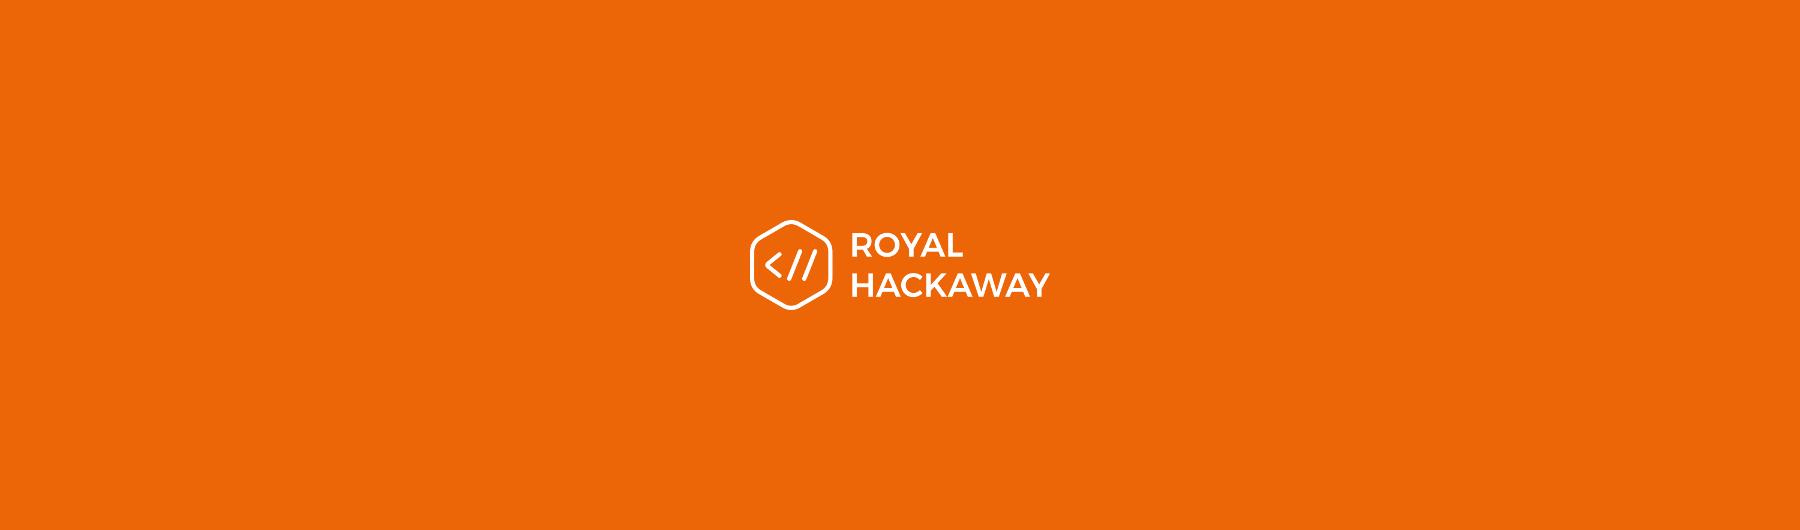 Royal Hackaway v4